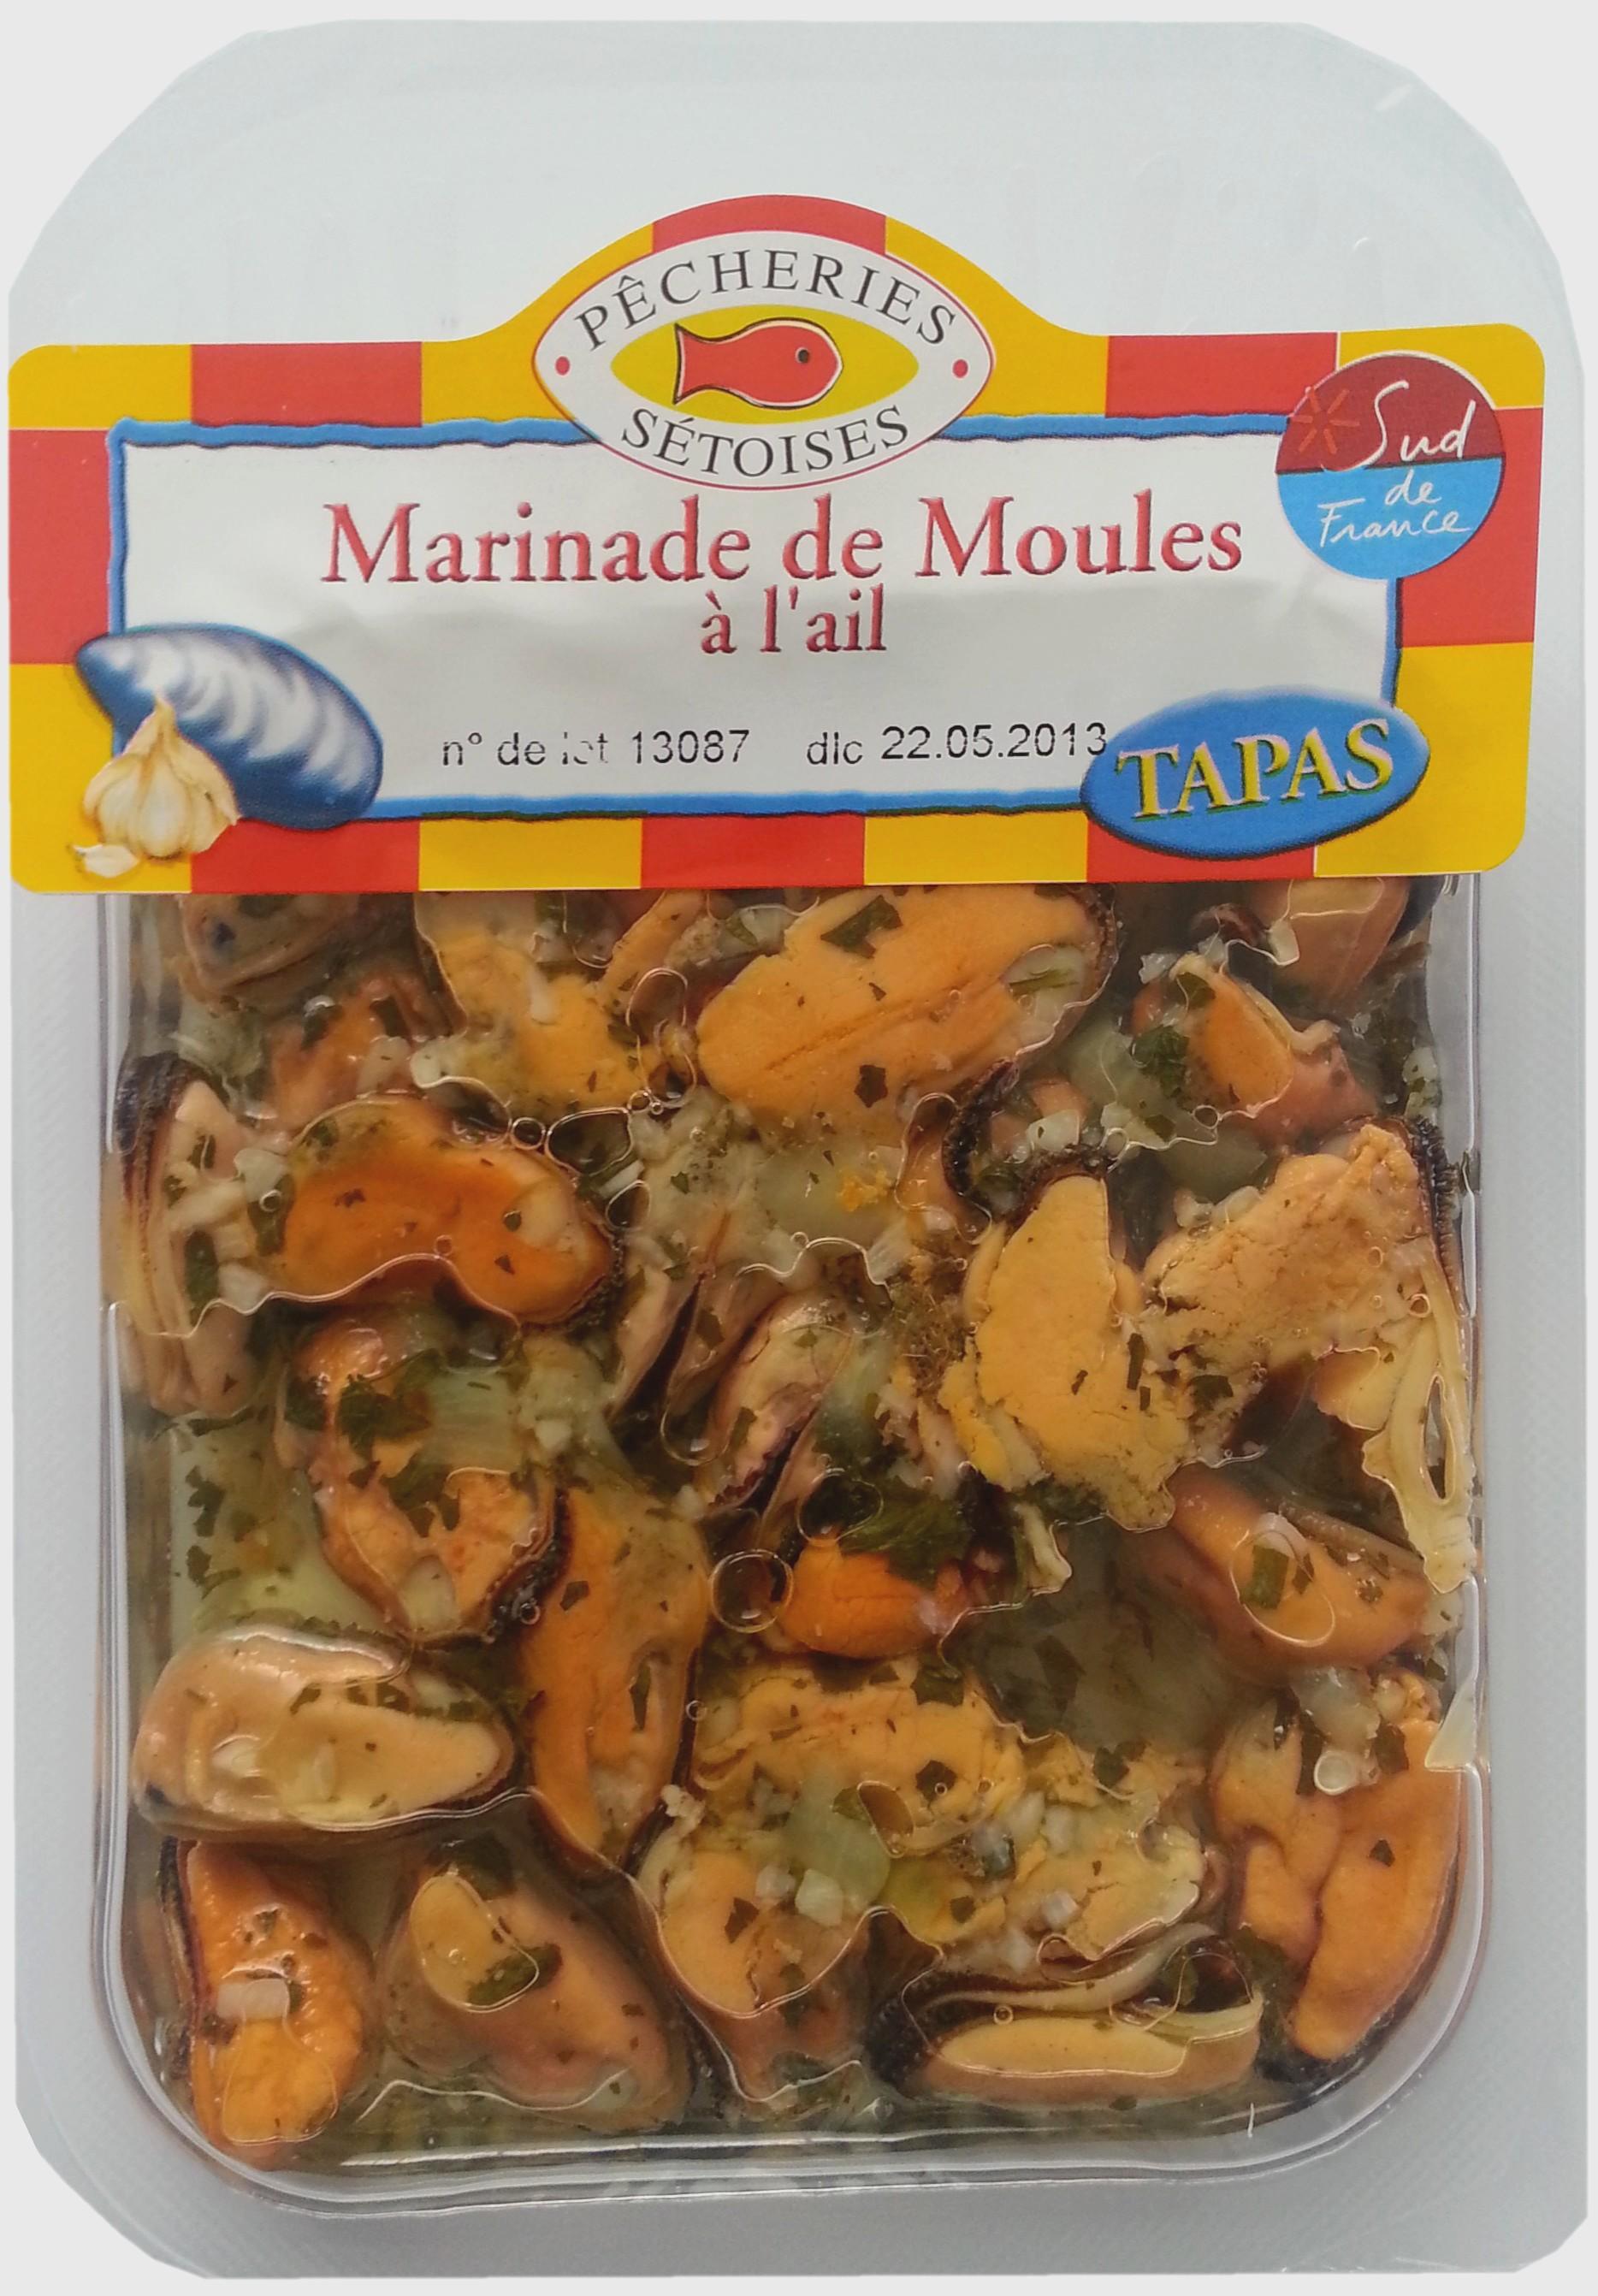 Moules à l'ail, Pêcherie Sétoise (150 g)